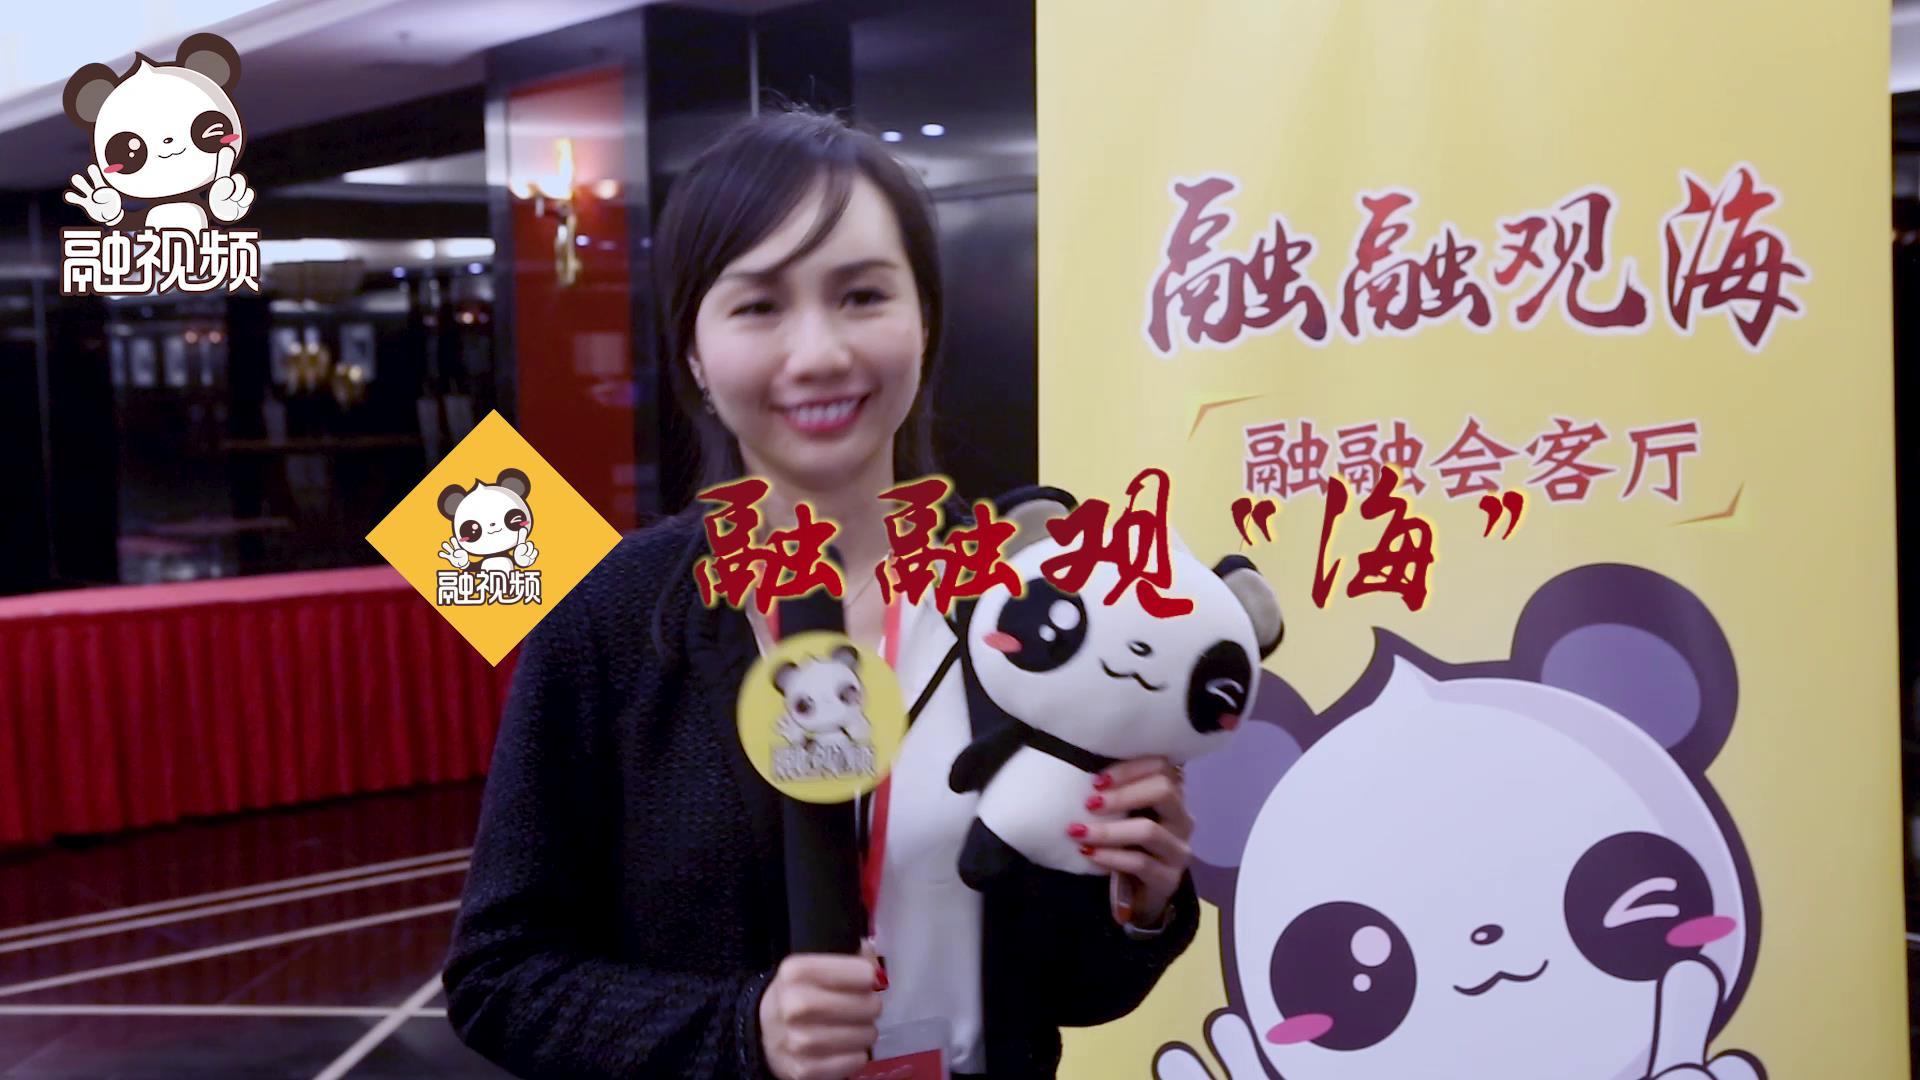 台湾青年史家怡:大陆生活二十载 在?#27426;?#23398;习中获得人生启迪图片